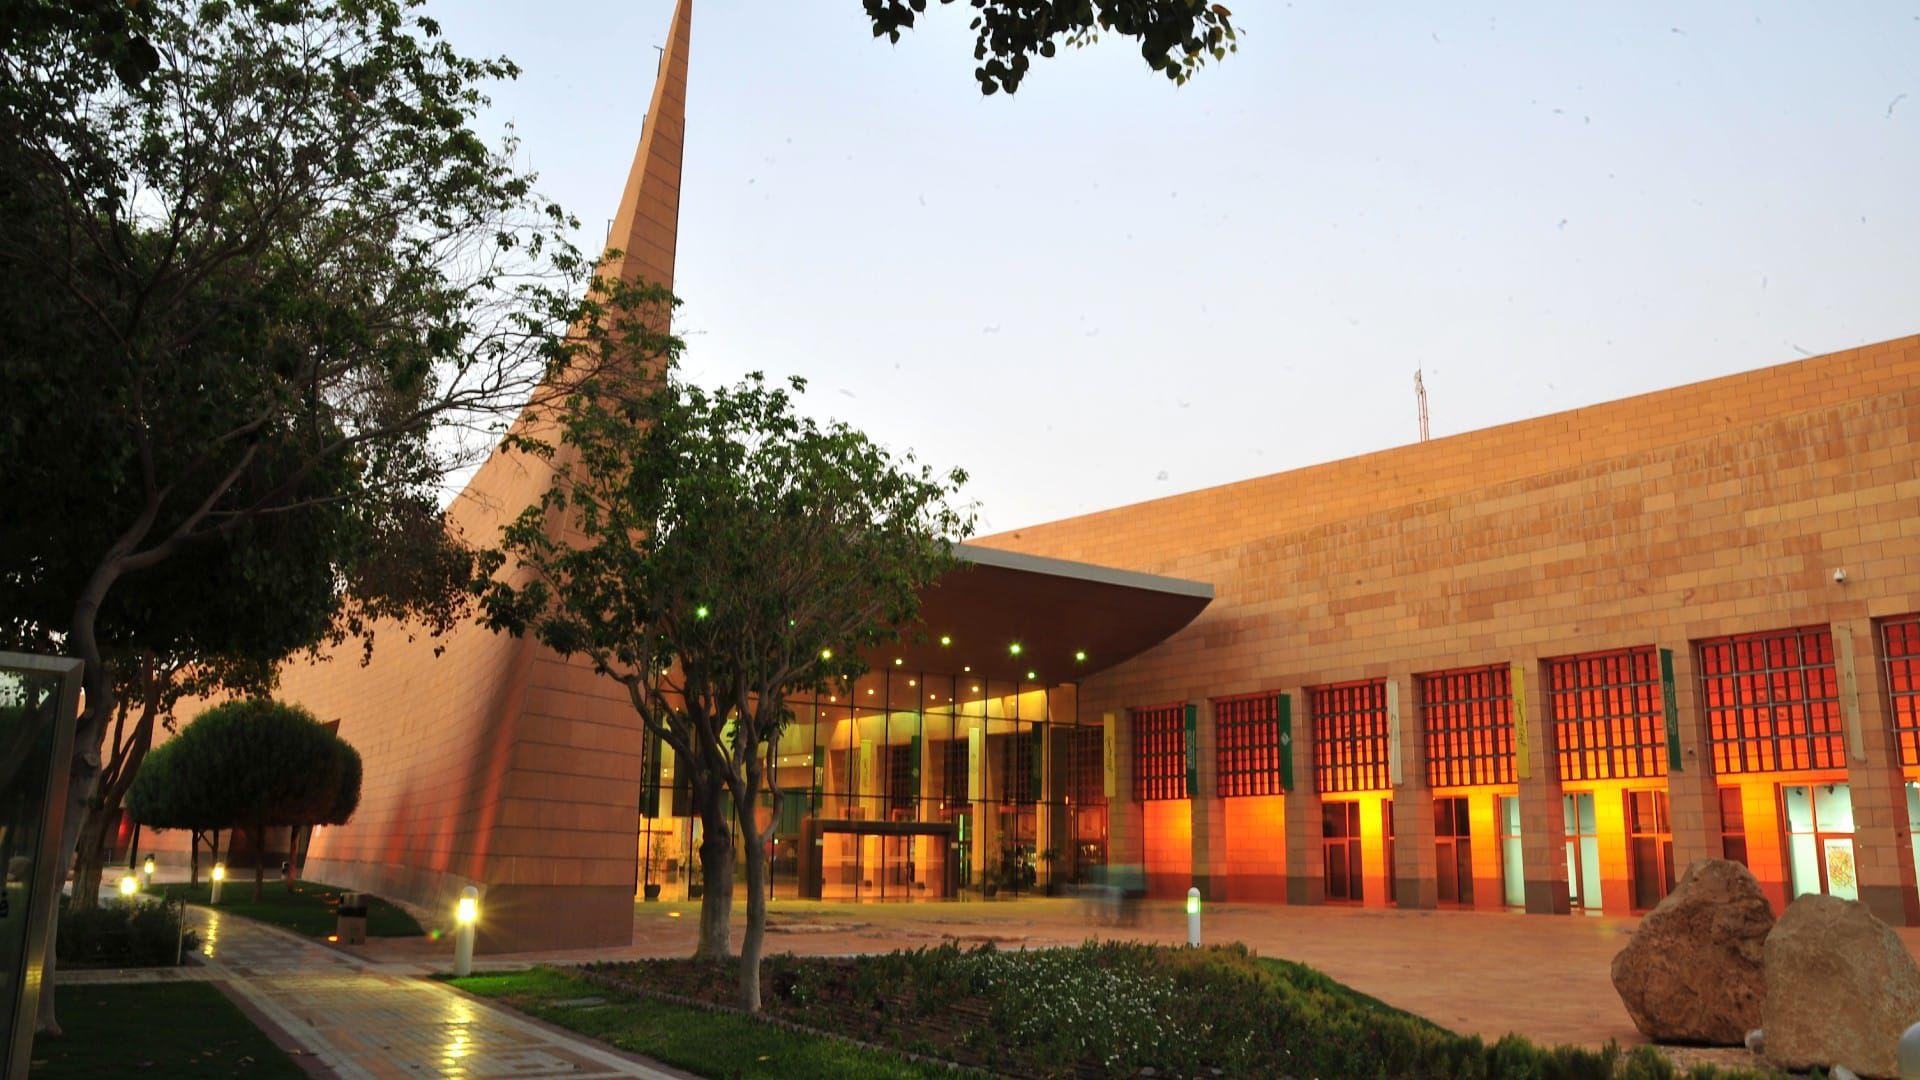 المتحف الوطني السعودي - الموقع الرسمي للسياحة السعودية